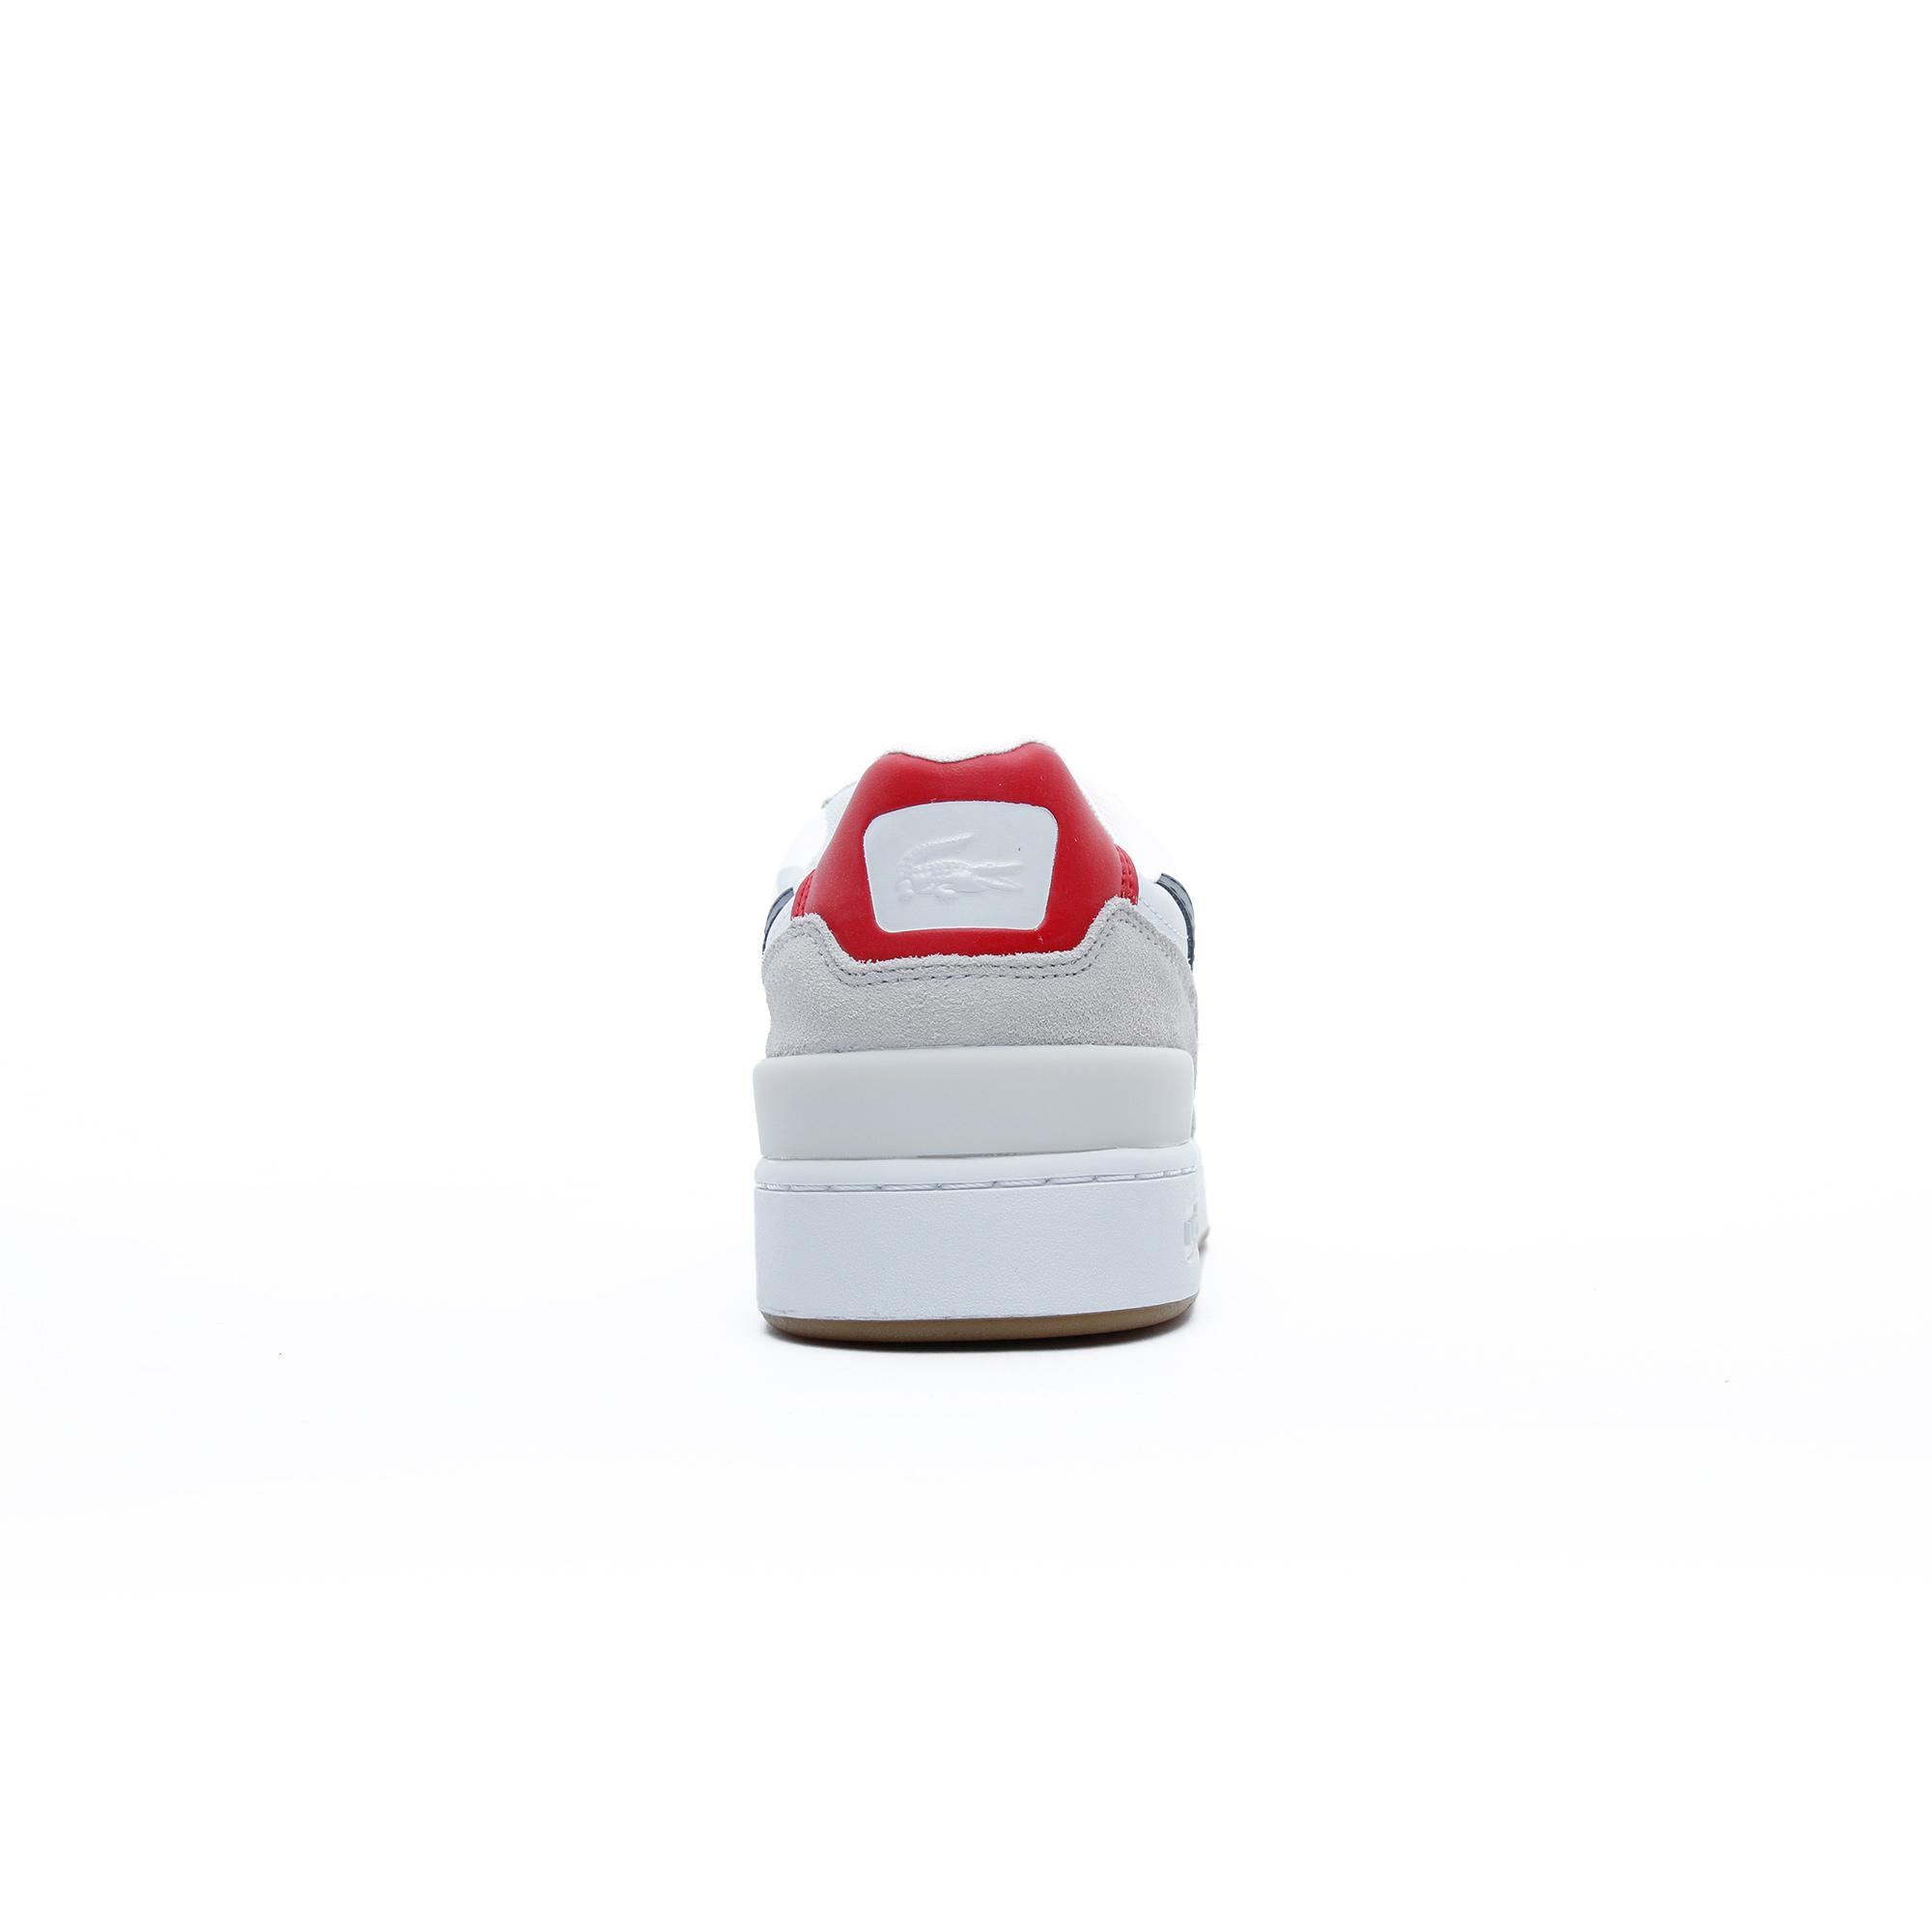 Lacoste T-Clip Erkek Renkli Spor Ayakkabı